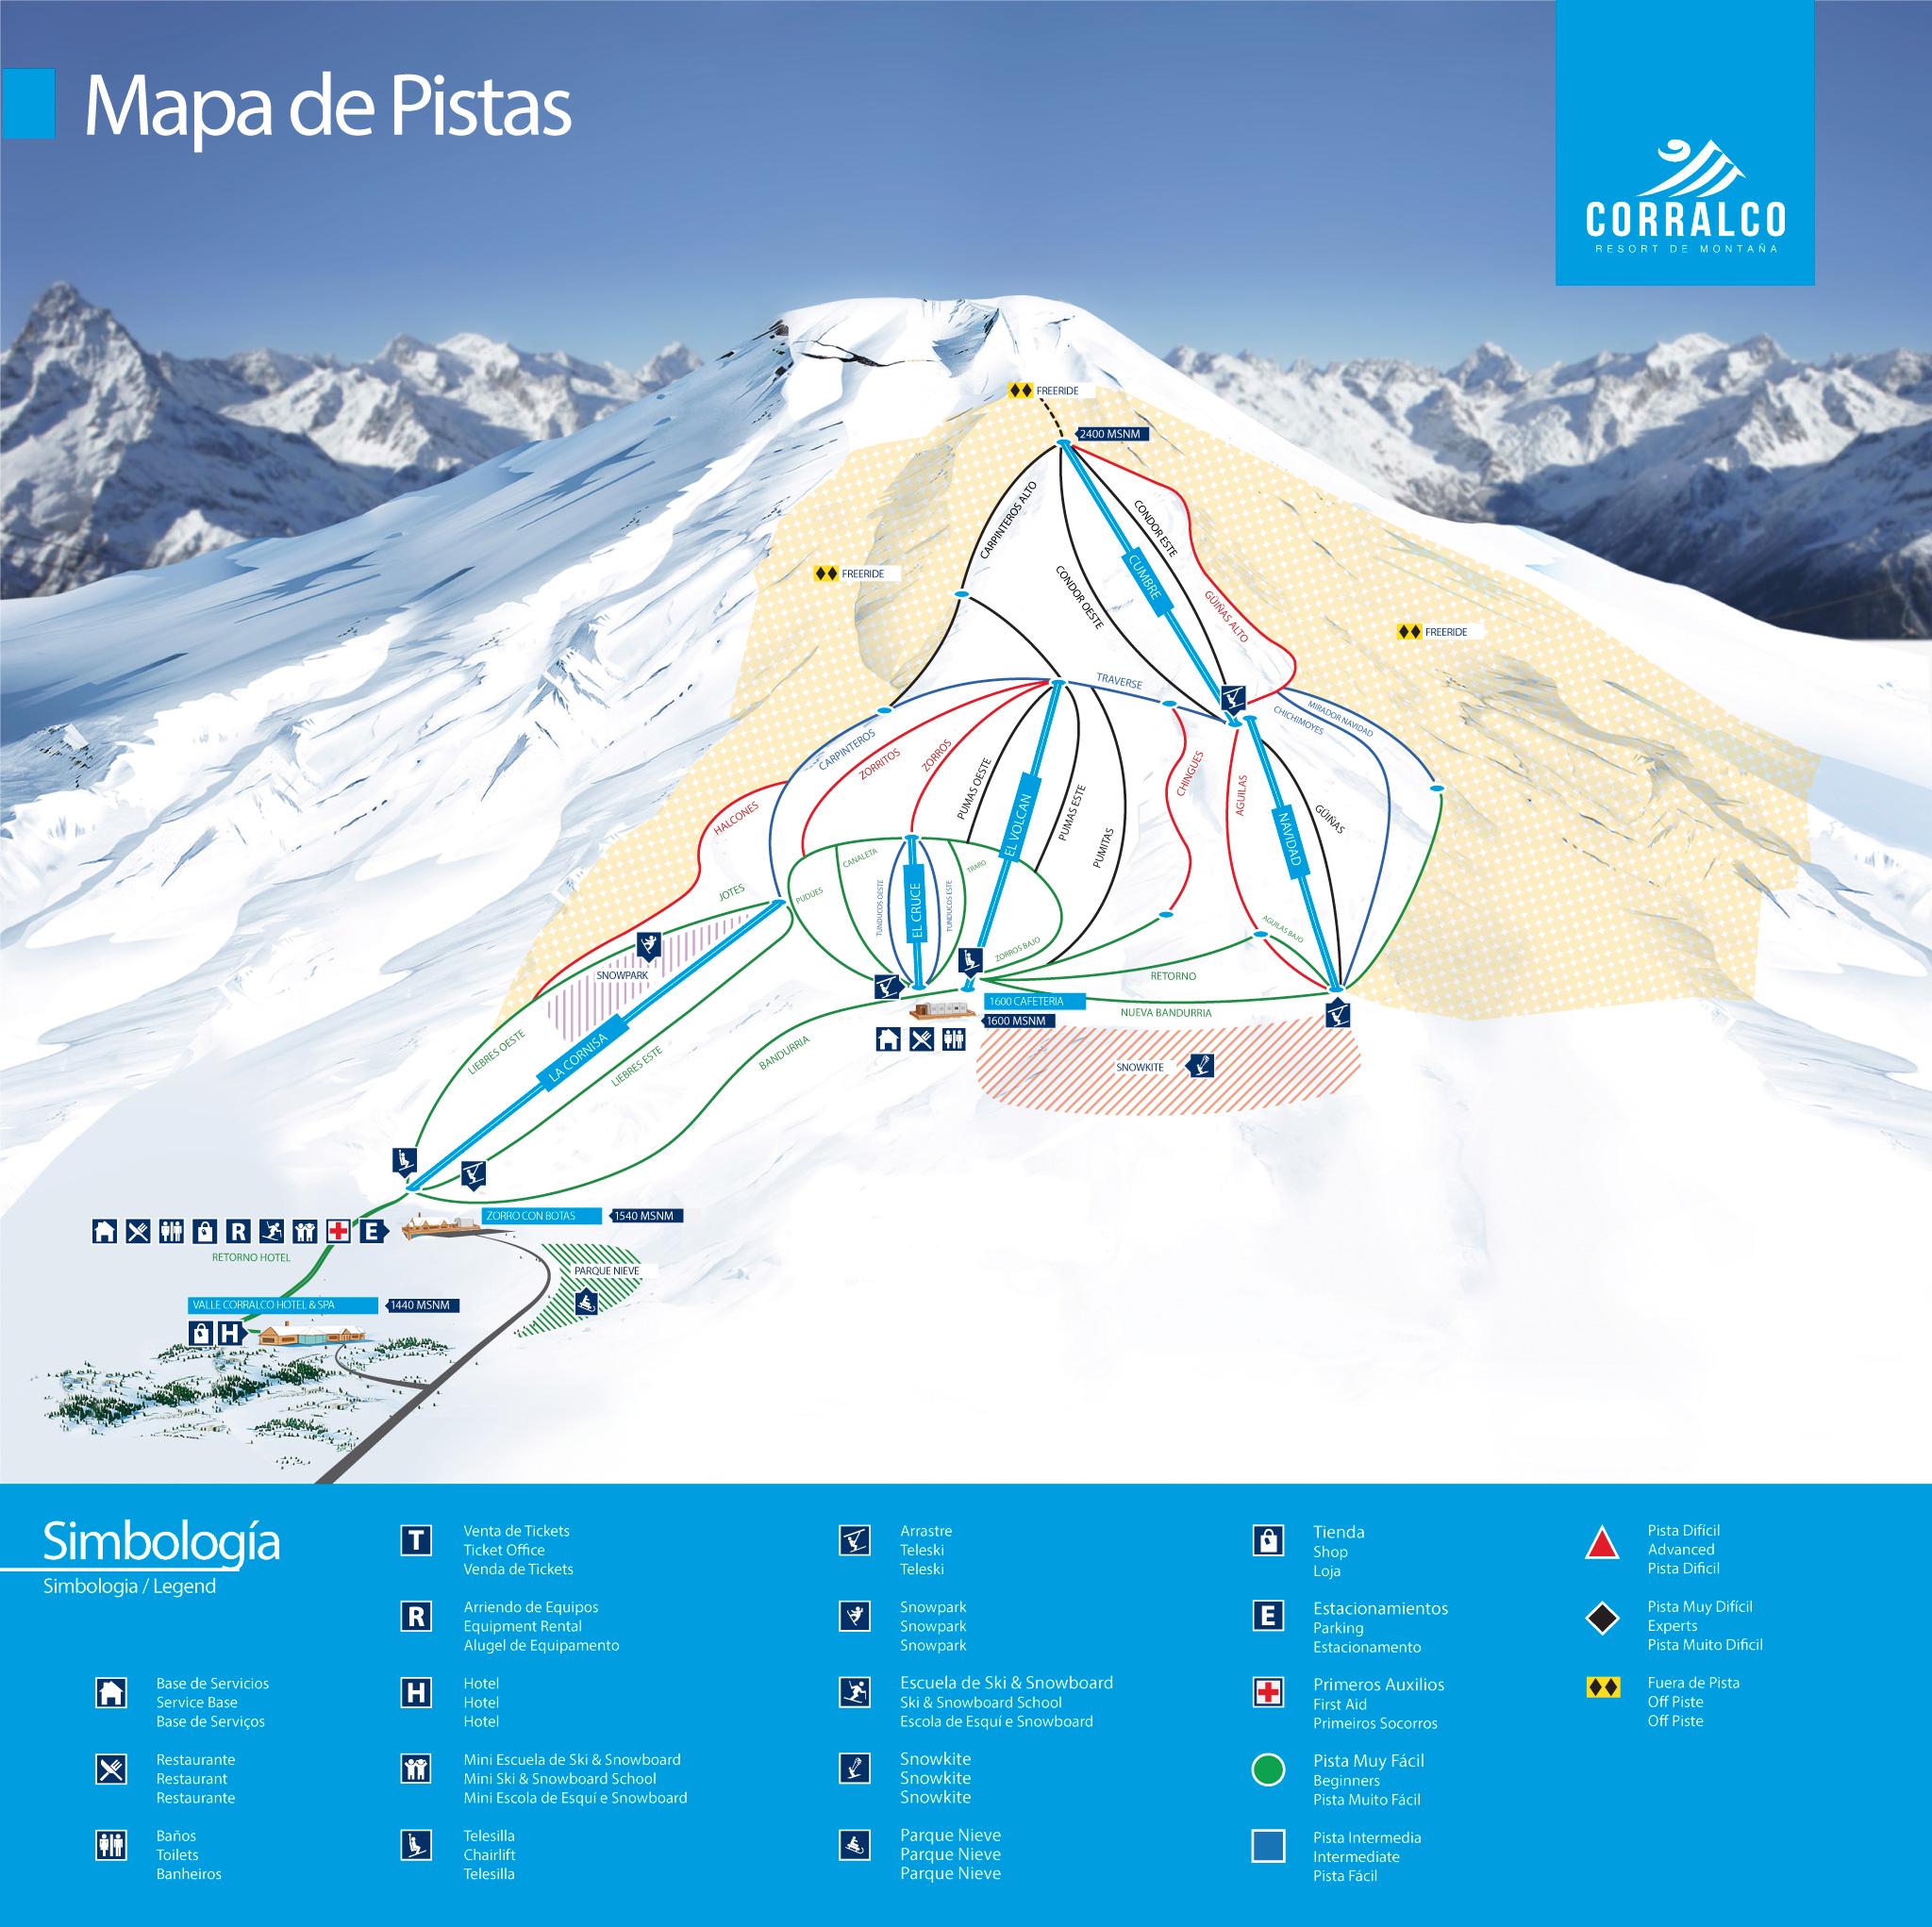 corralco ski snowboard resort mapa de pistas